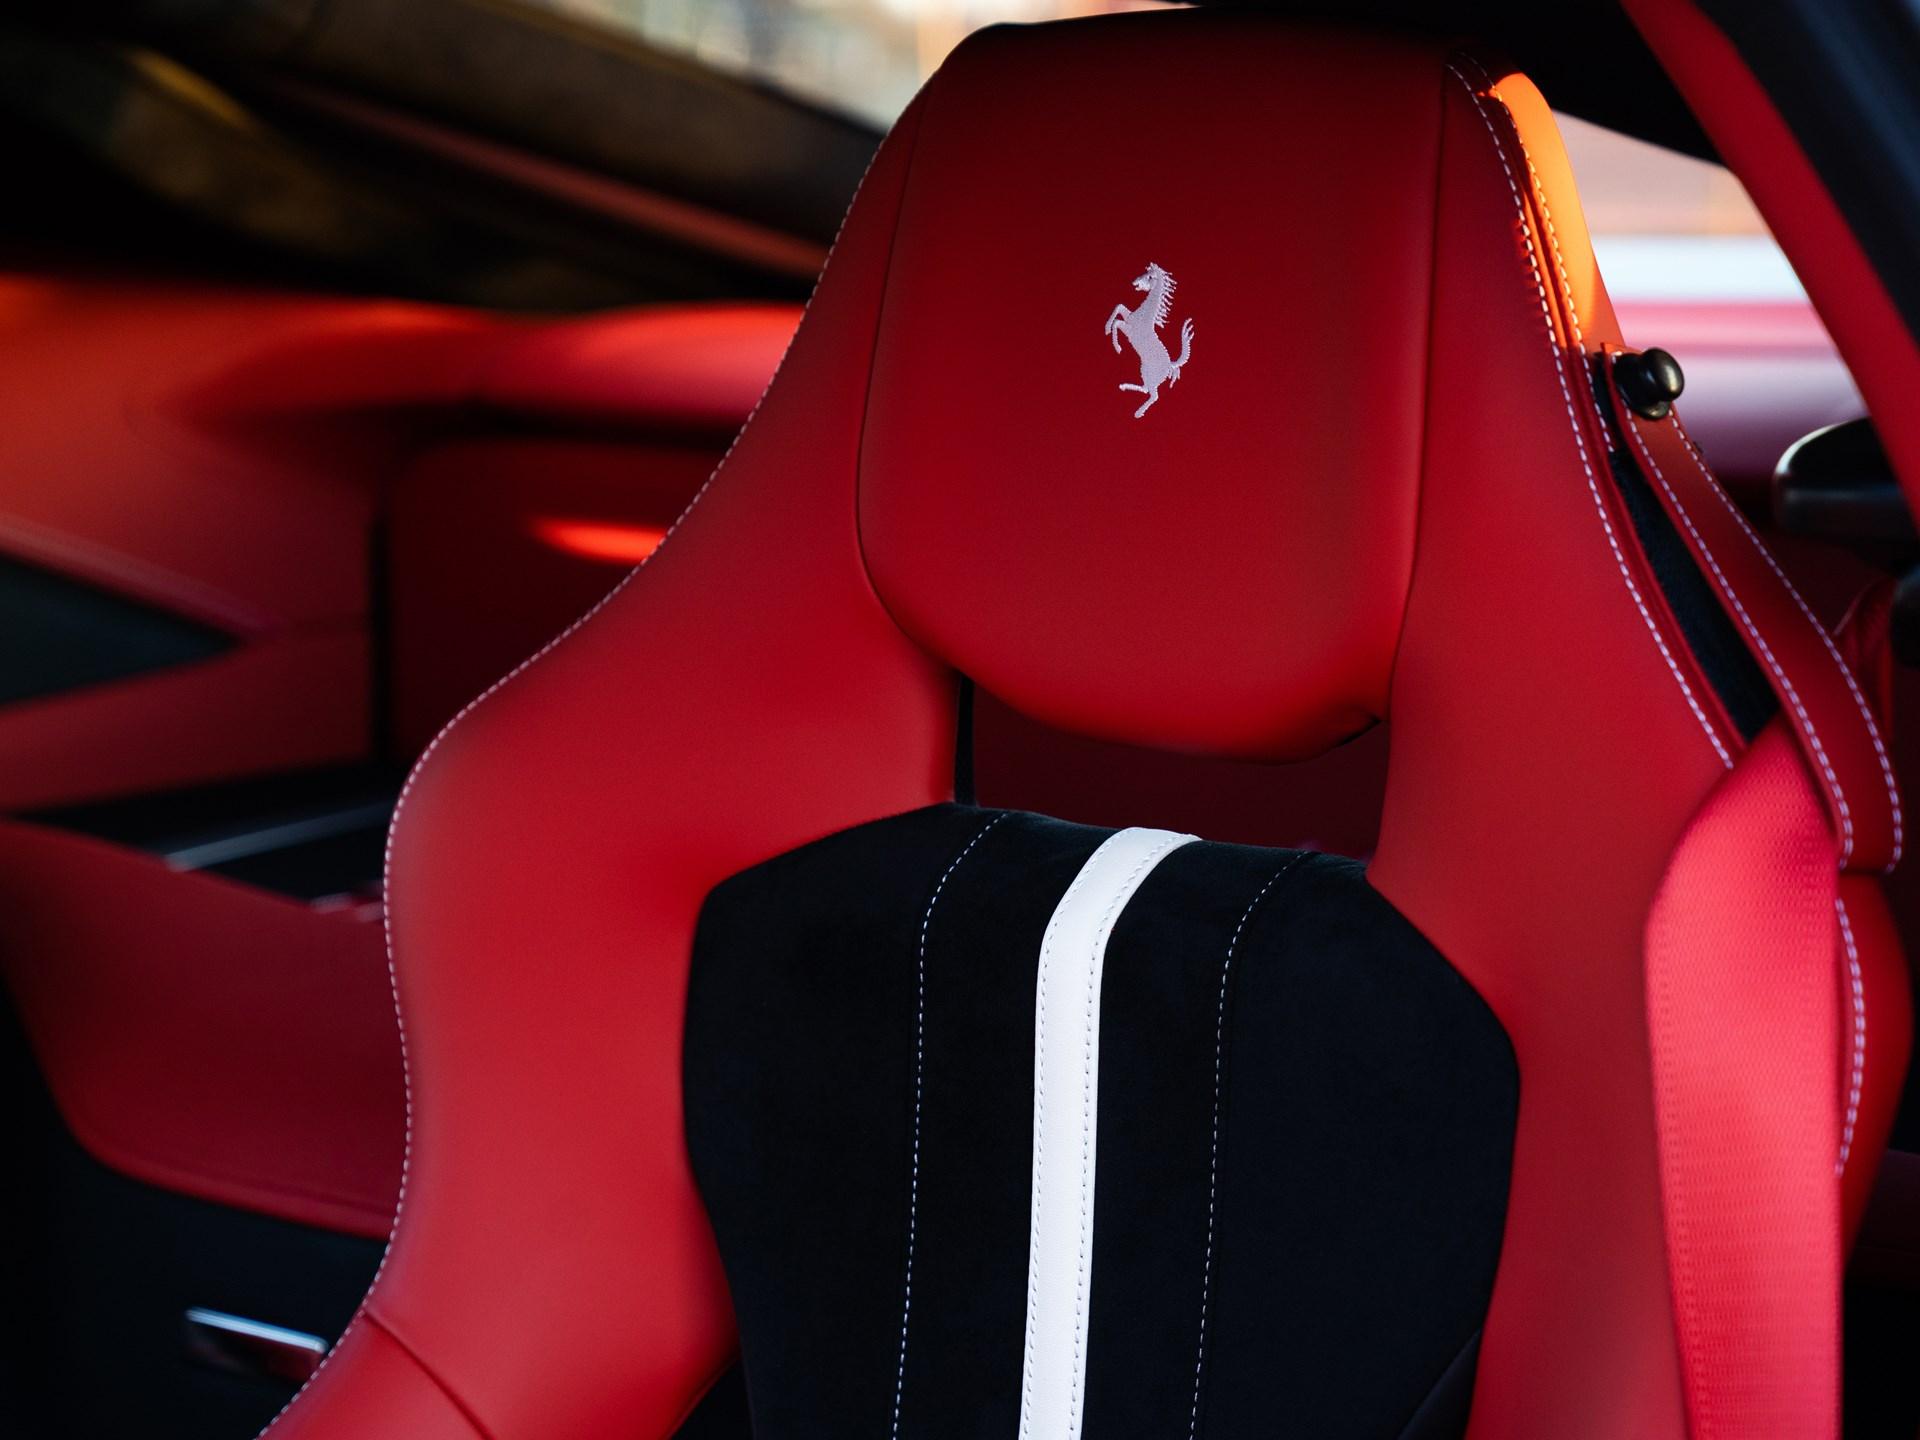 2017 Ferrari F12tdf seat